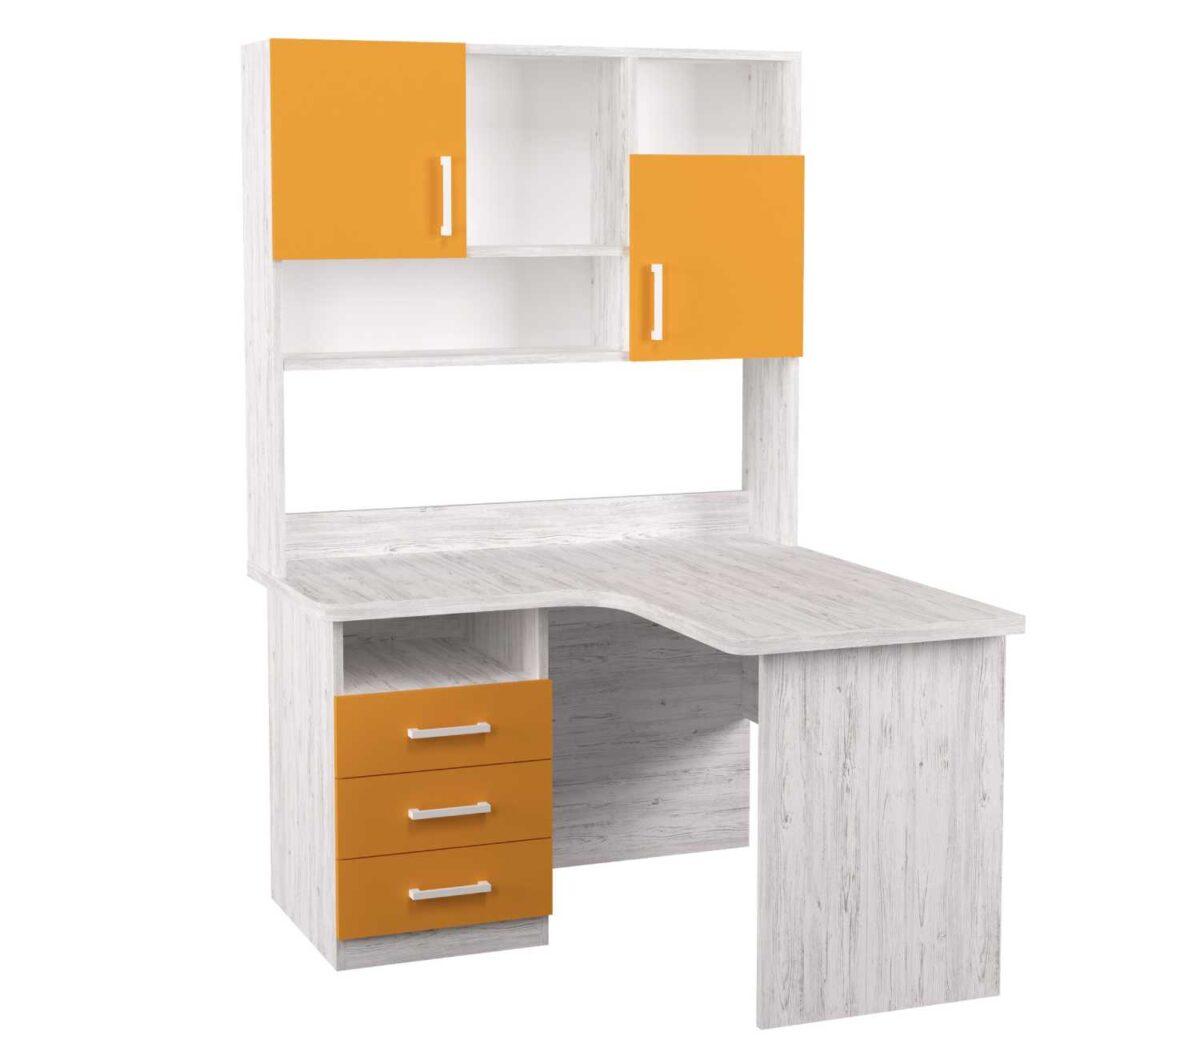 угловой детский стол с надстройкой аляска оранж с 3 ящиками